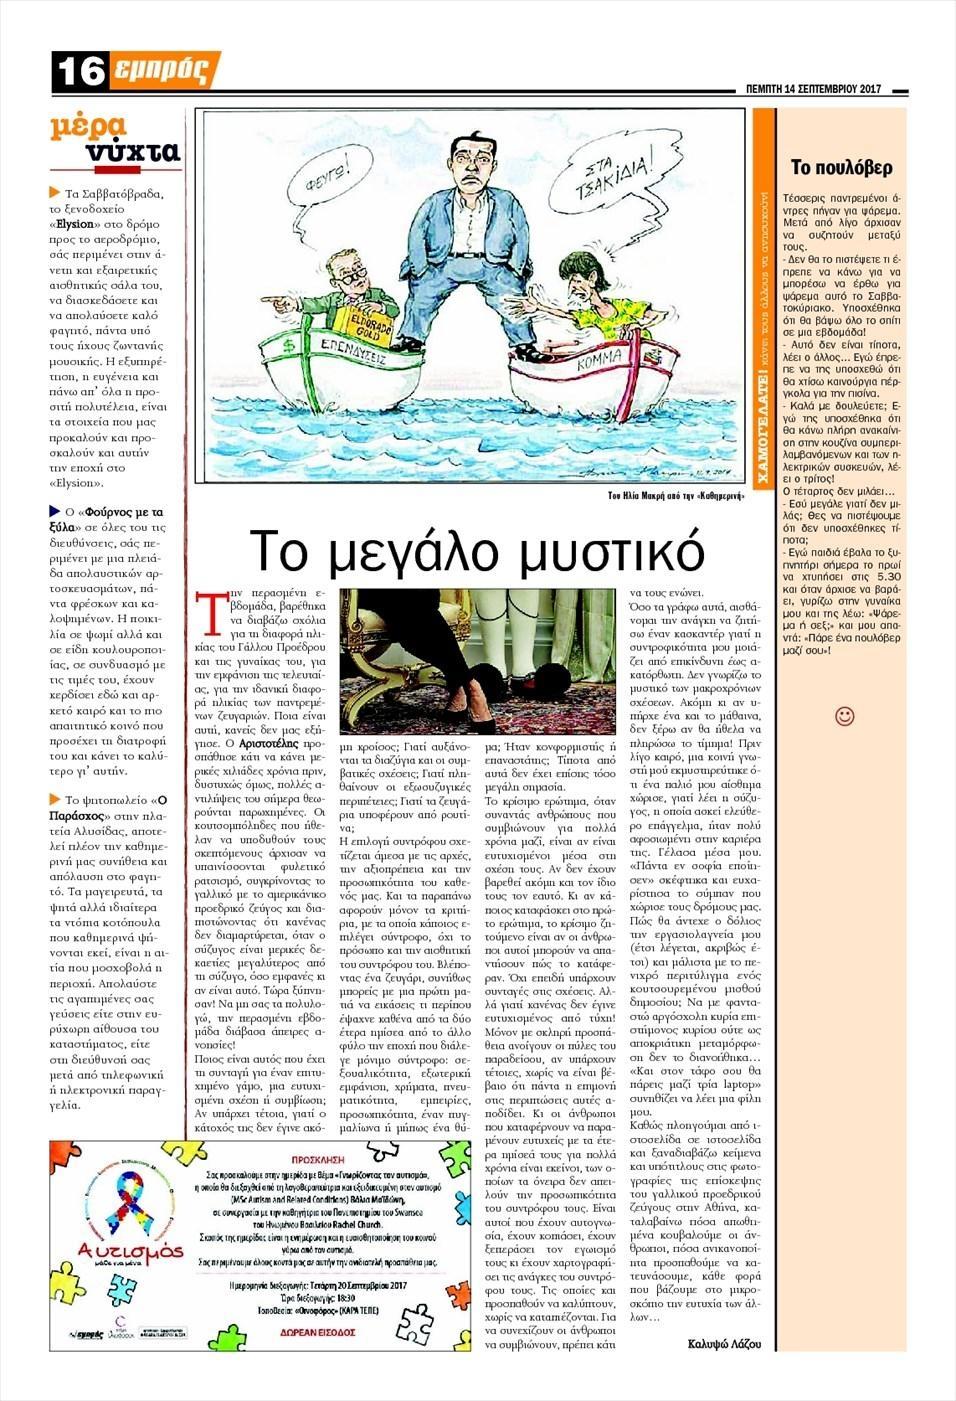 Οπισθόφυλλο εφημερίδας Εμπρός Λέσβου